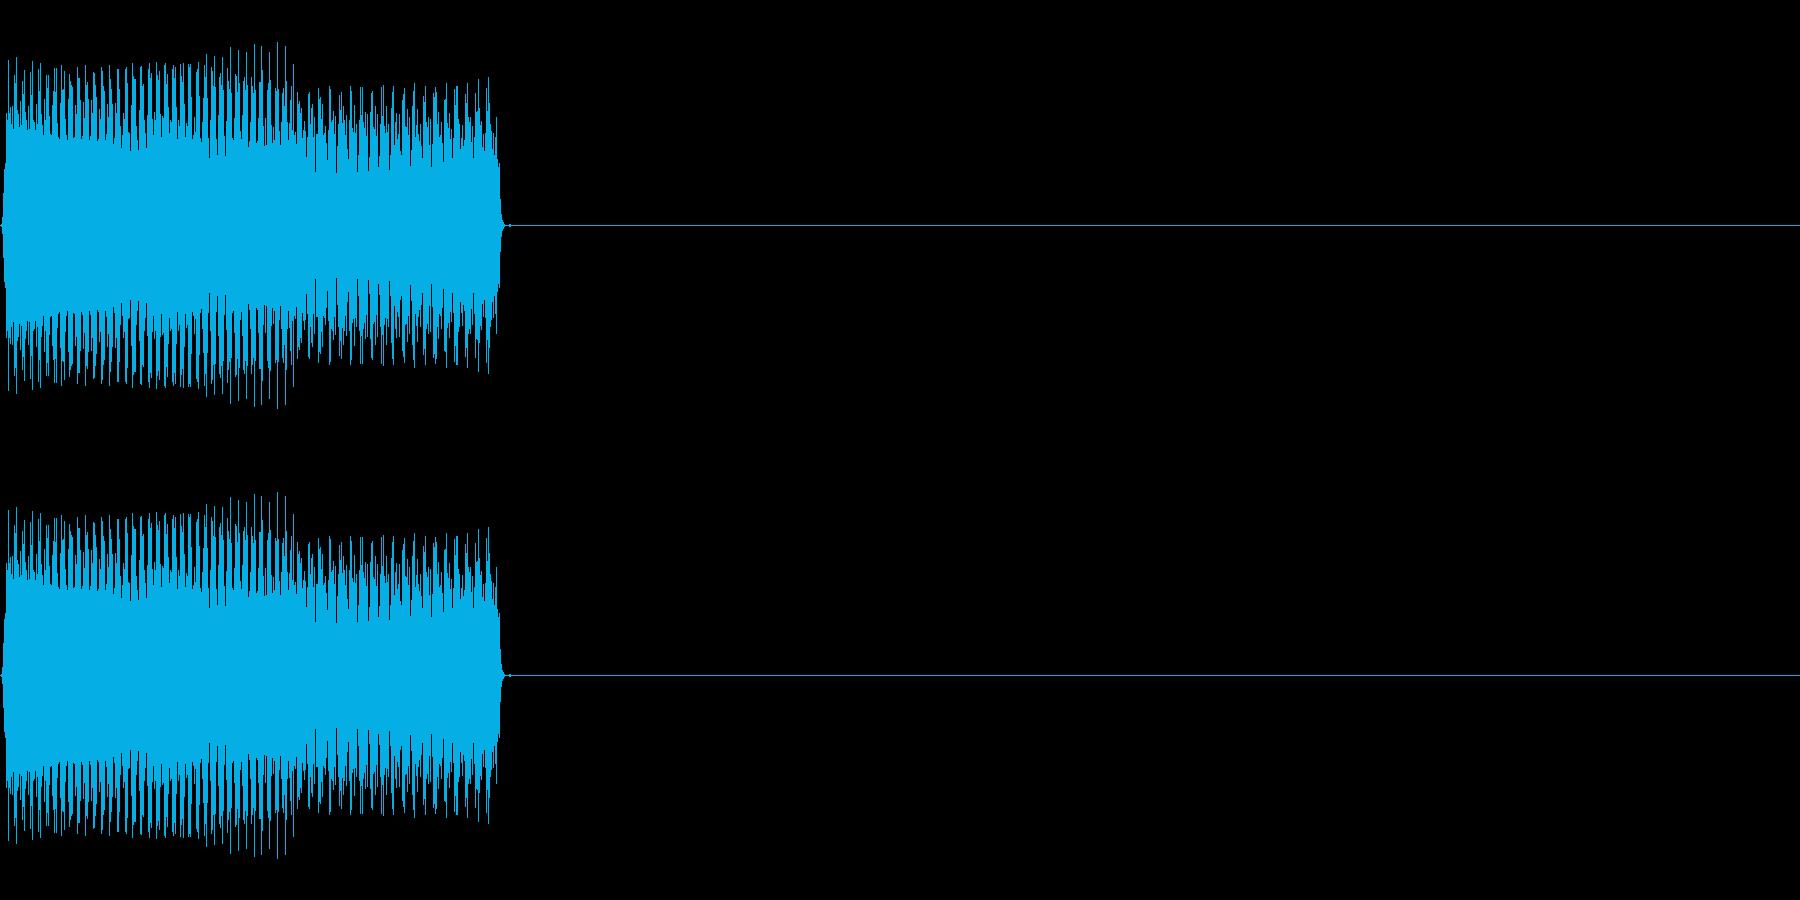 ボタンSE01-セレクト01(UP)の再生済みの波形